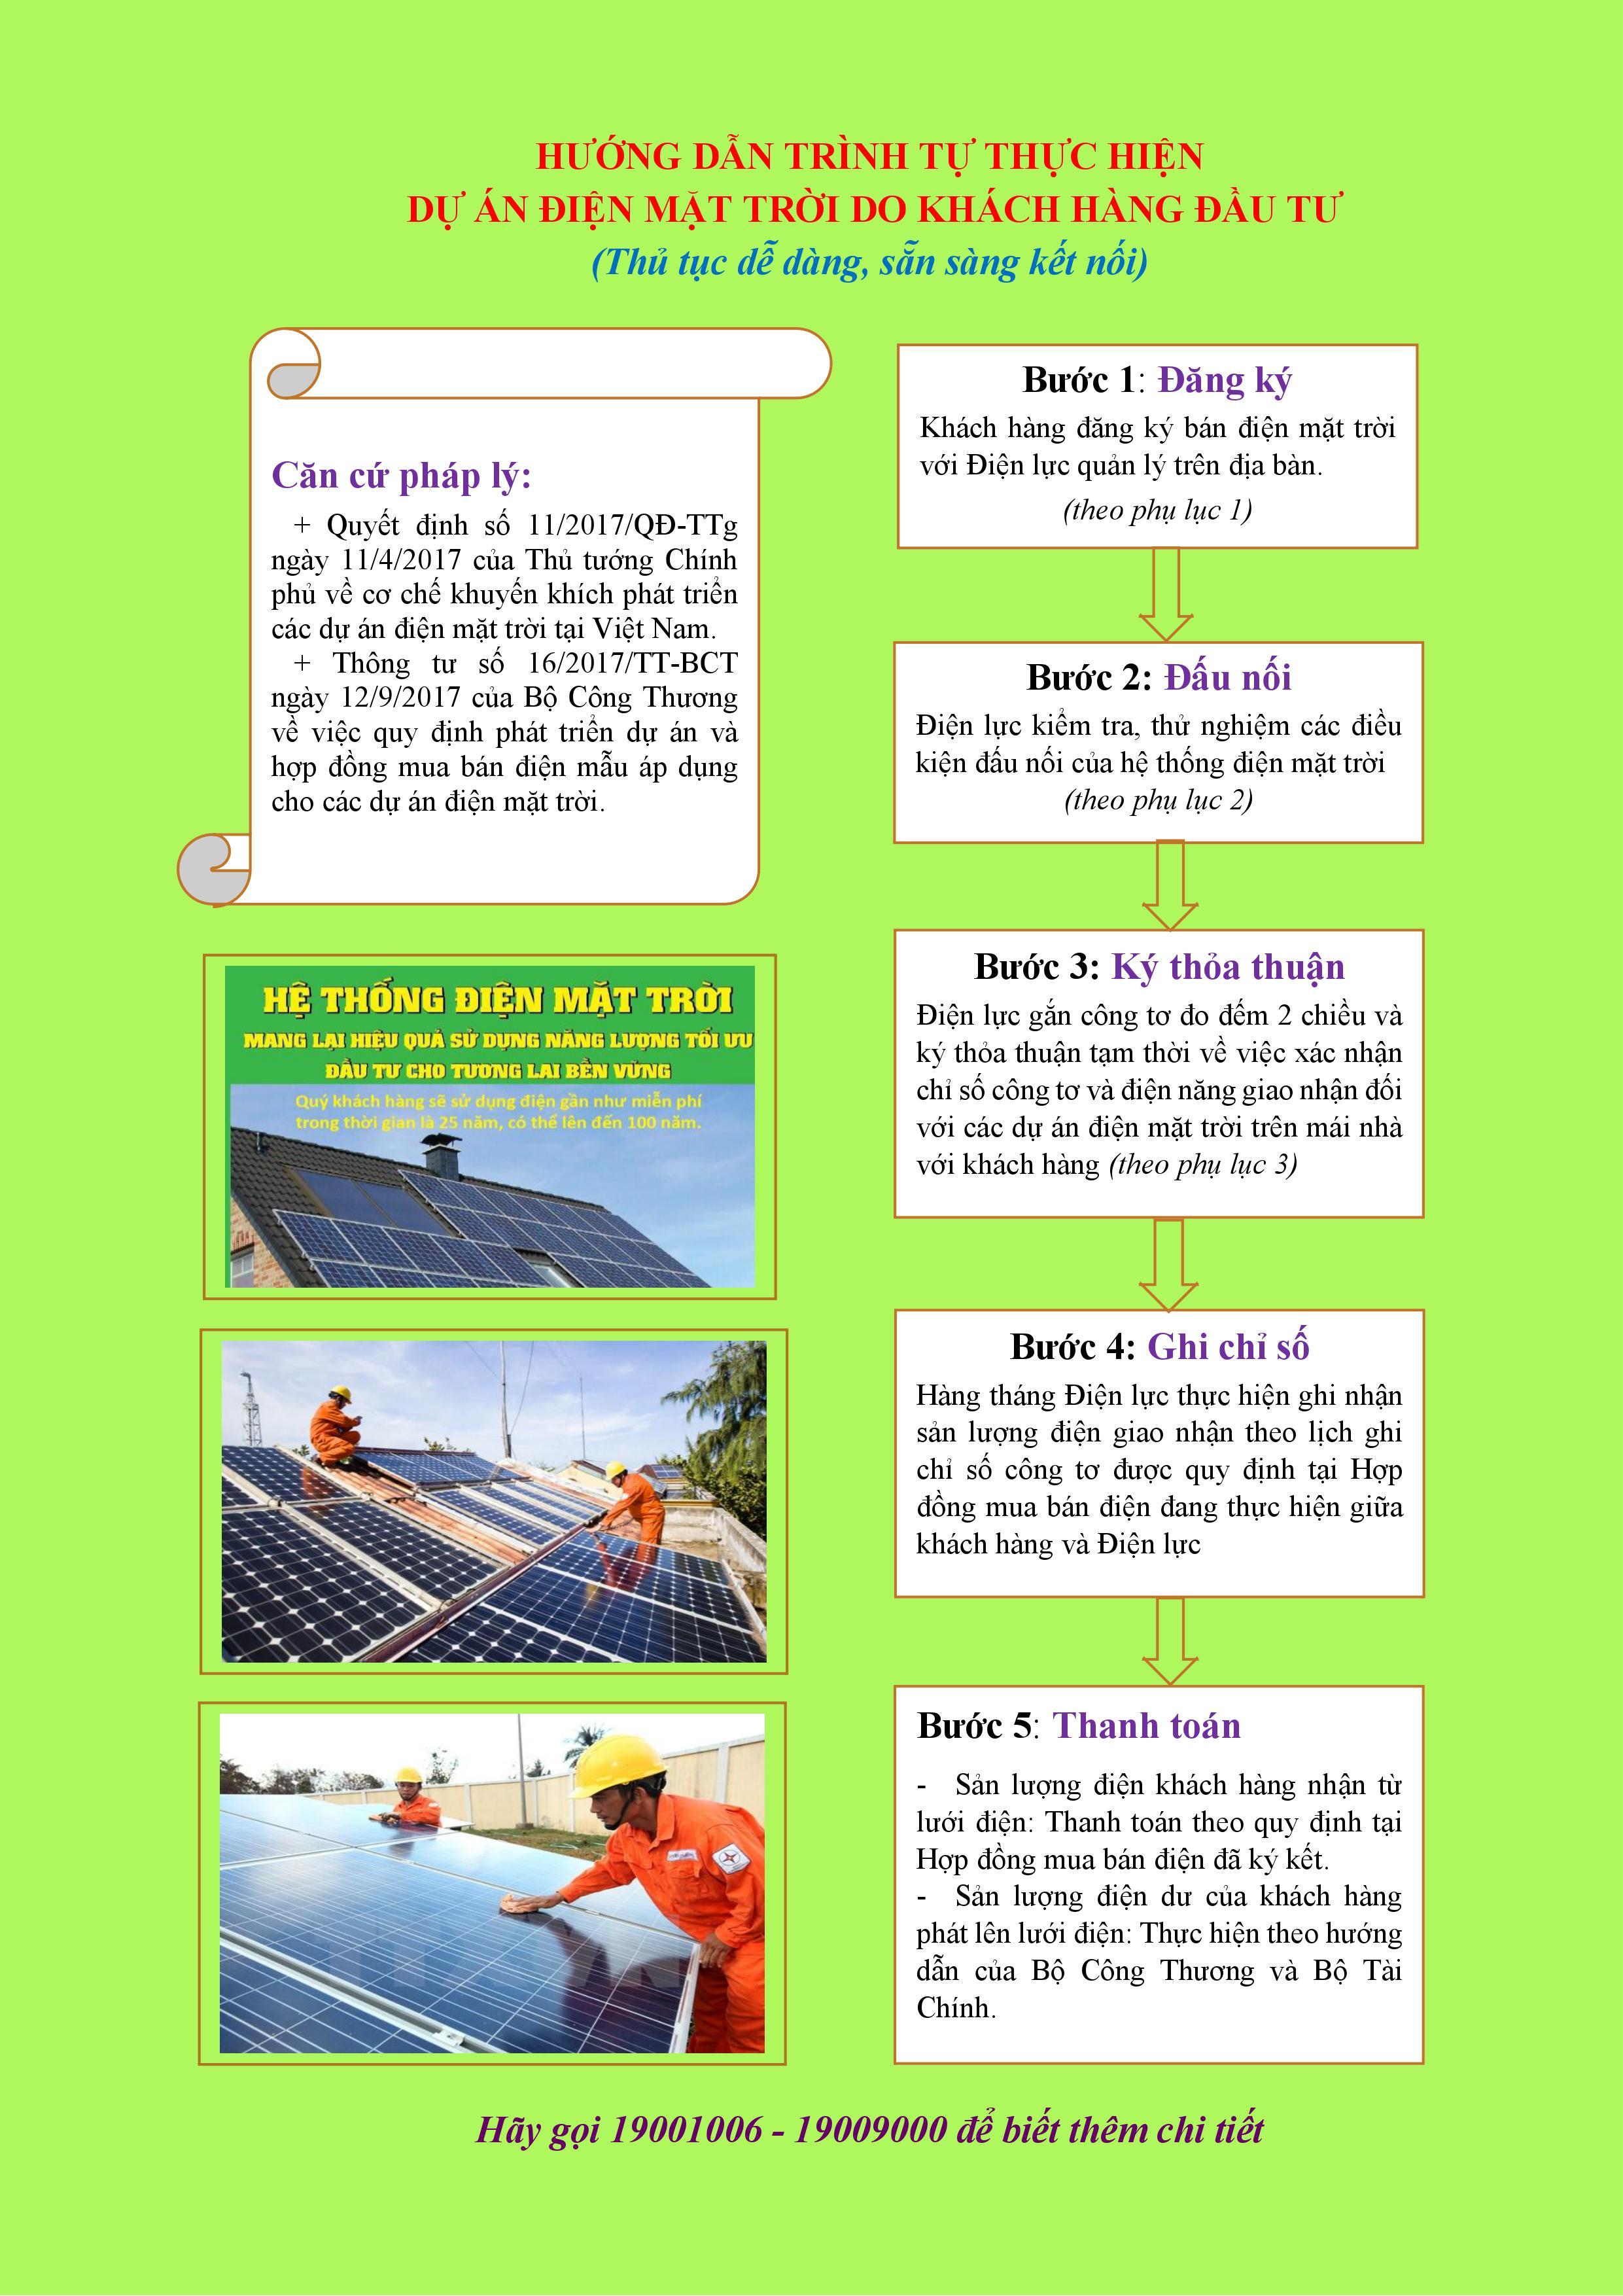 Quy trình đấu nối điện mặt trời